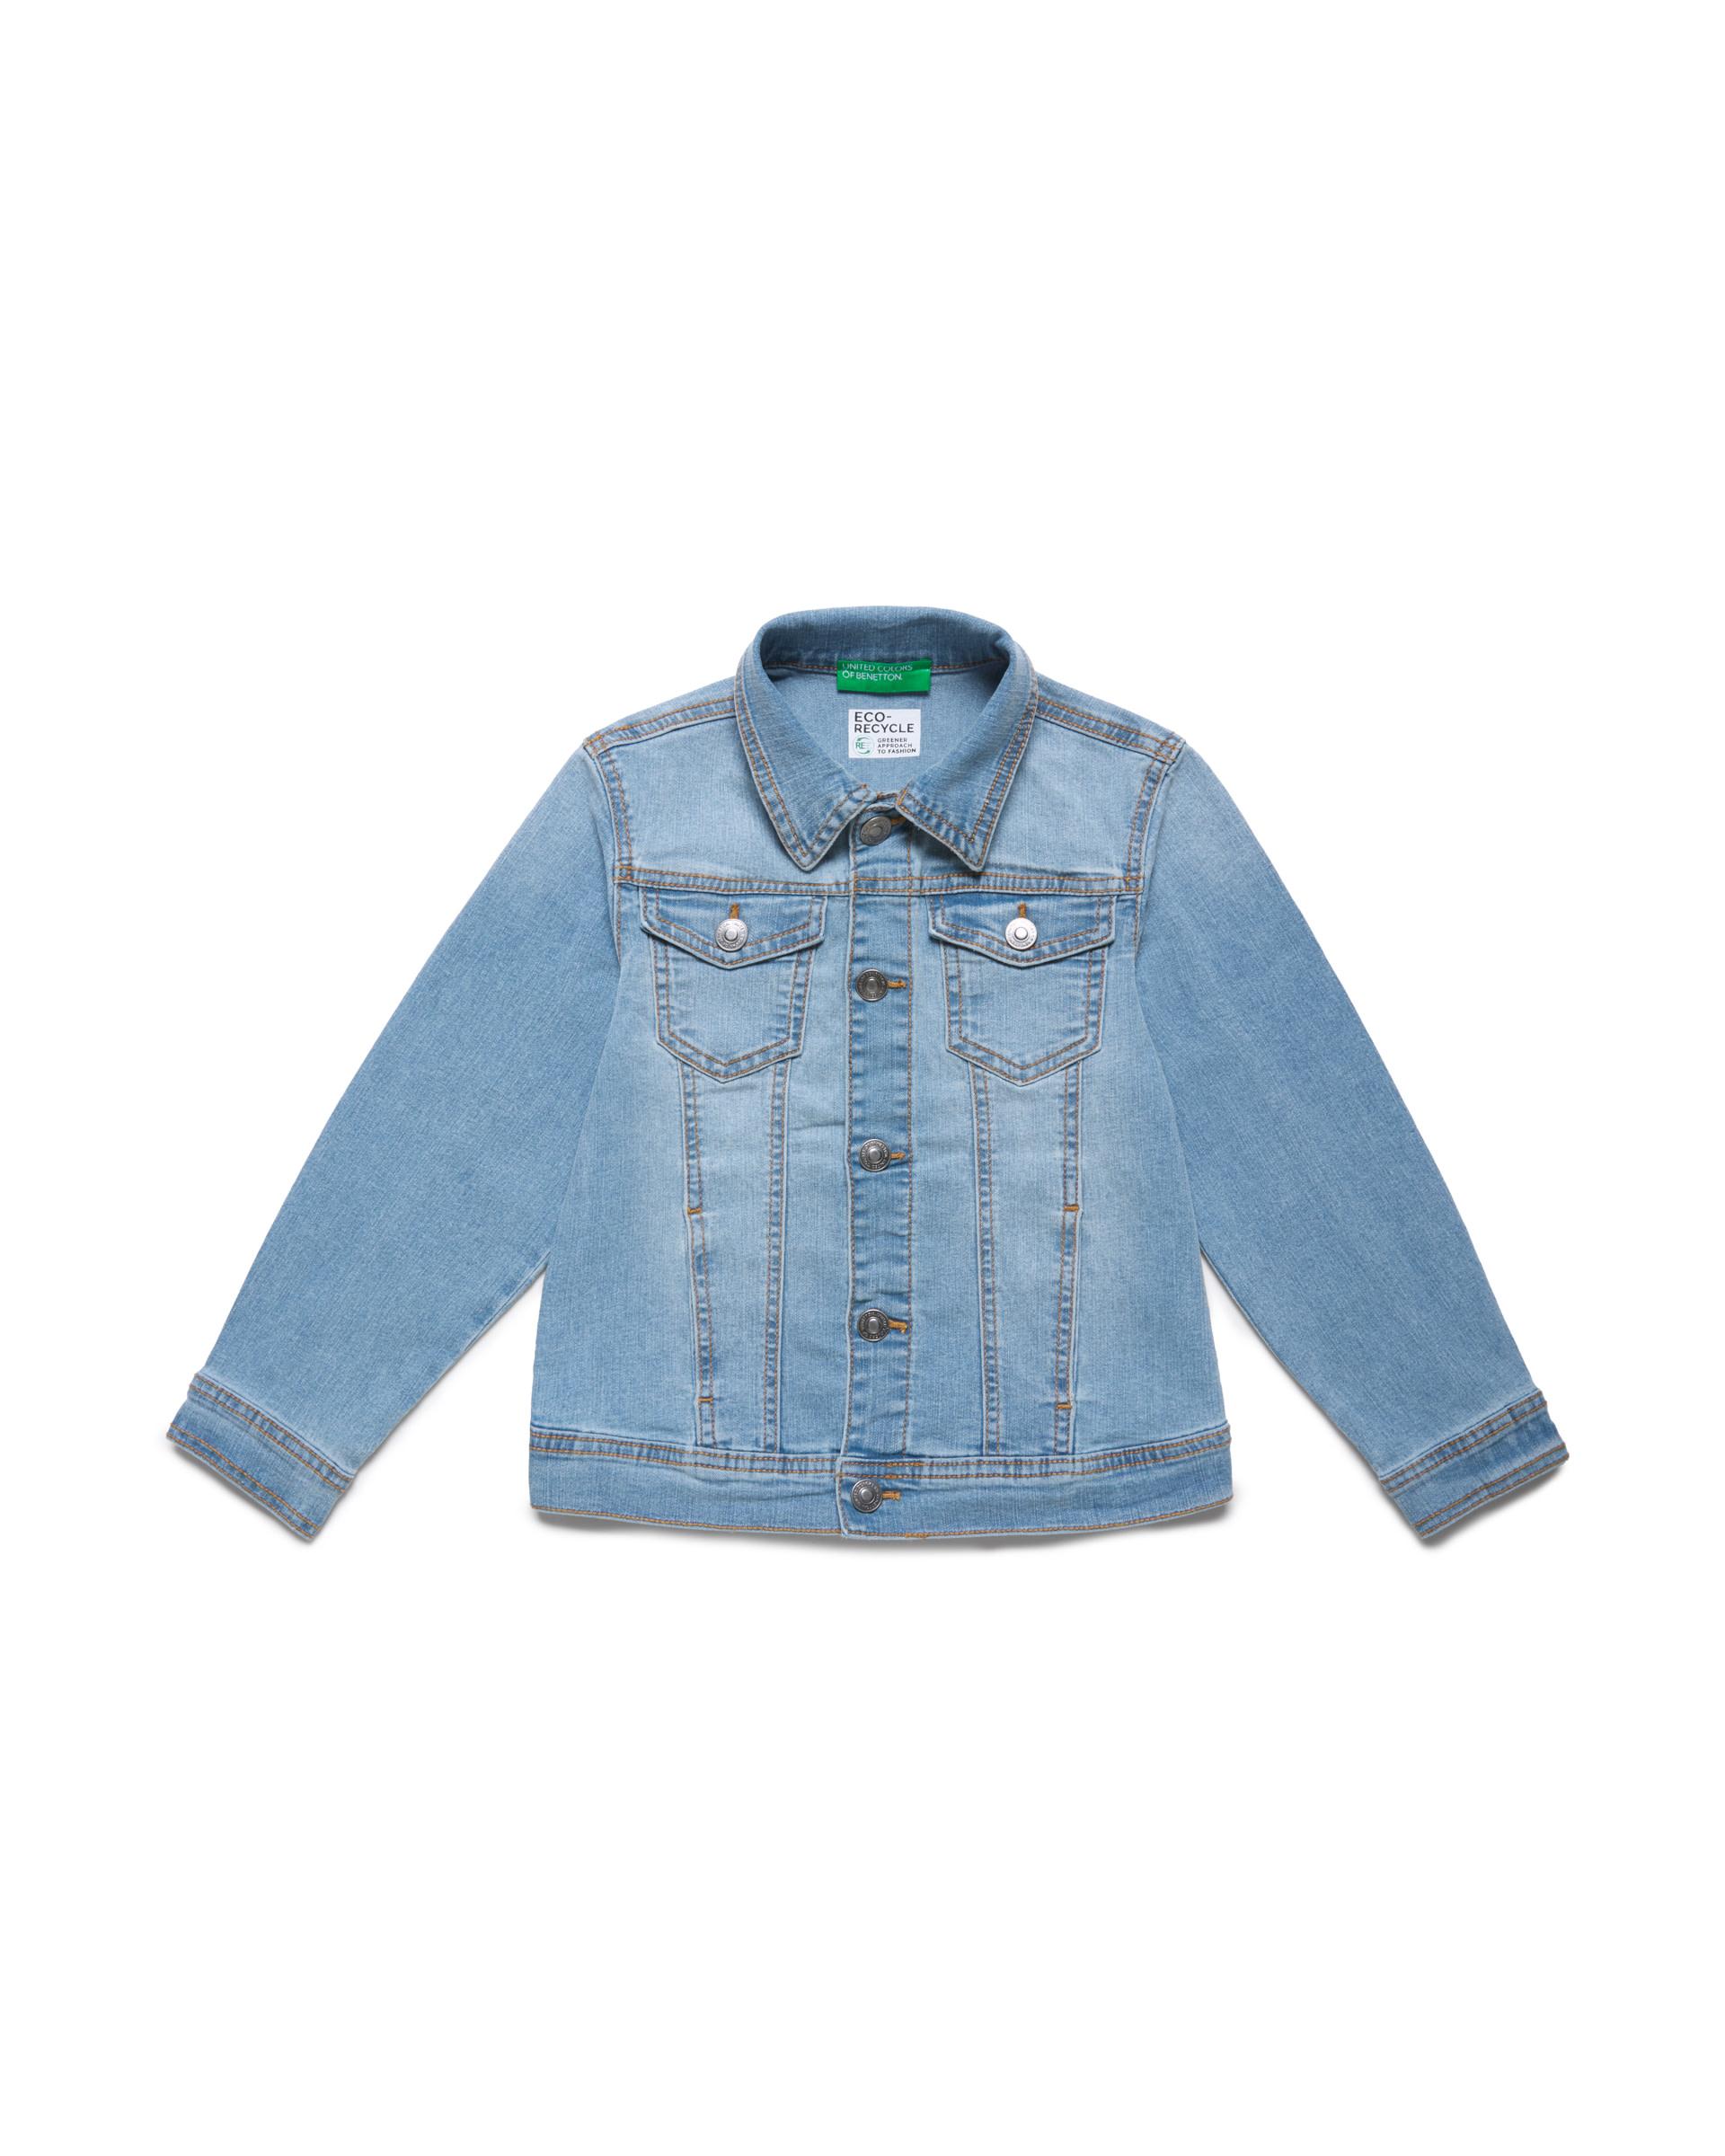 Купить 20P_2XA253HM0_902, Джинсовая куртка для мальчиков Benetton 2XA253HM0_902 р-р 140, United Colors of Benetton, Куртки для мальчиков